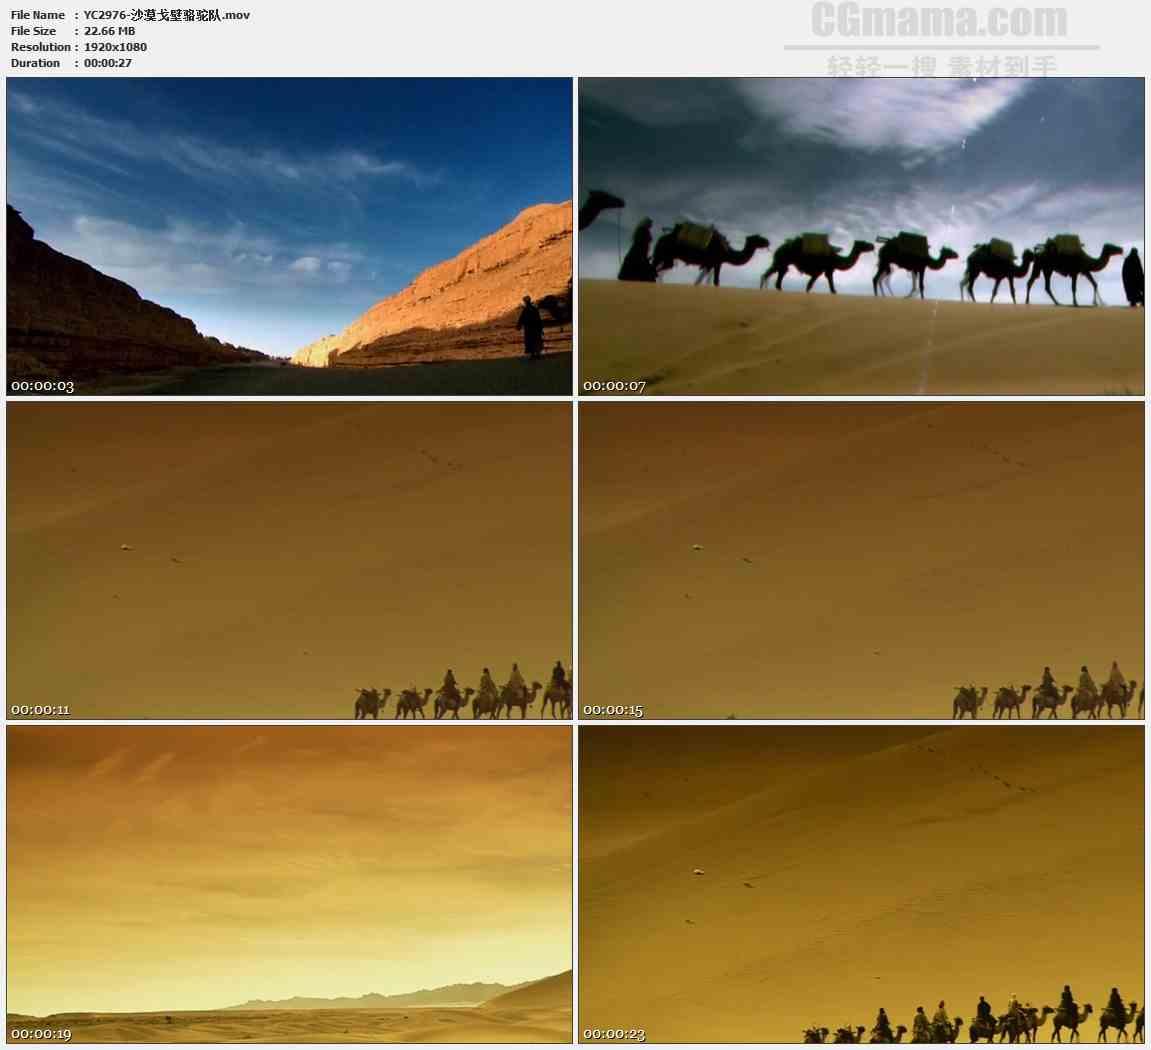 YC2976-沙漠戈壁骆驼队高清实拍视频素材